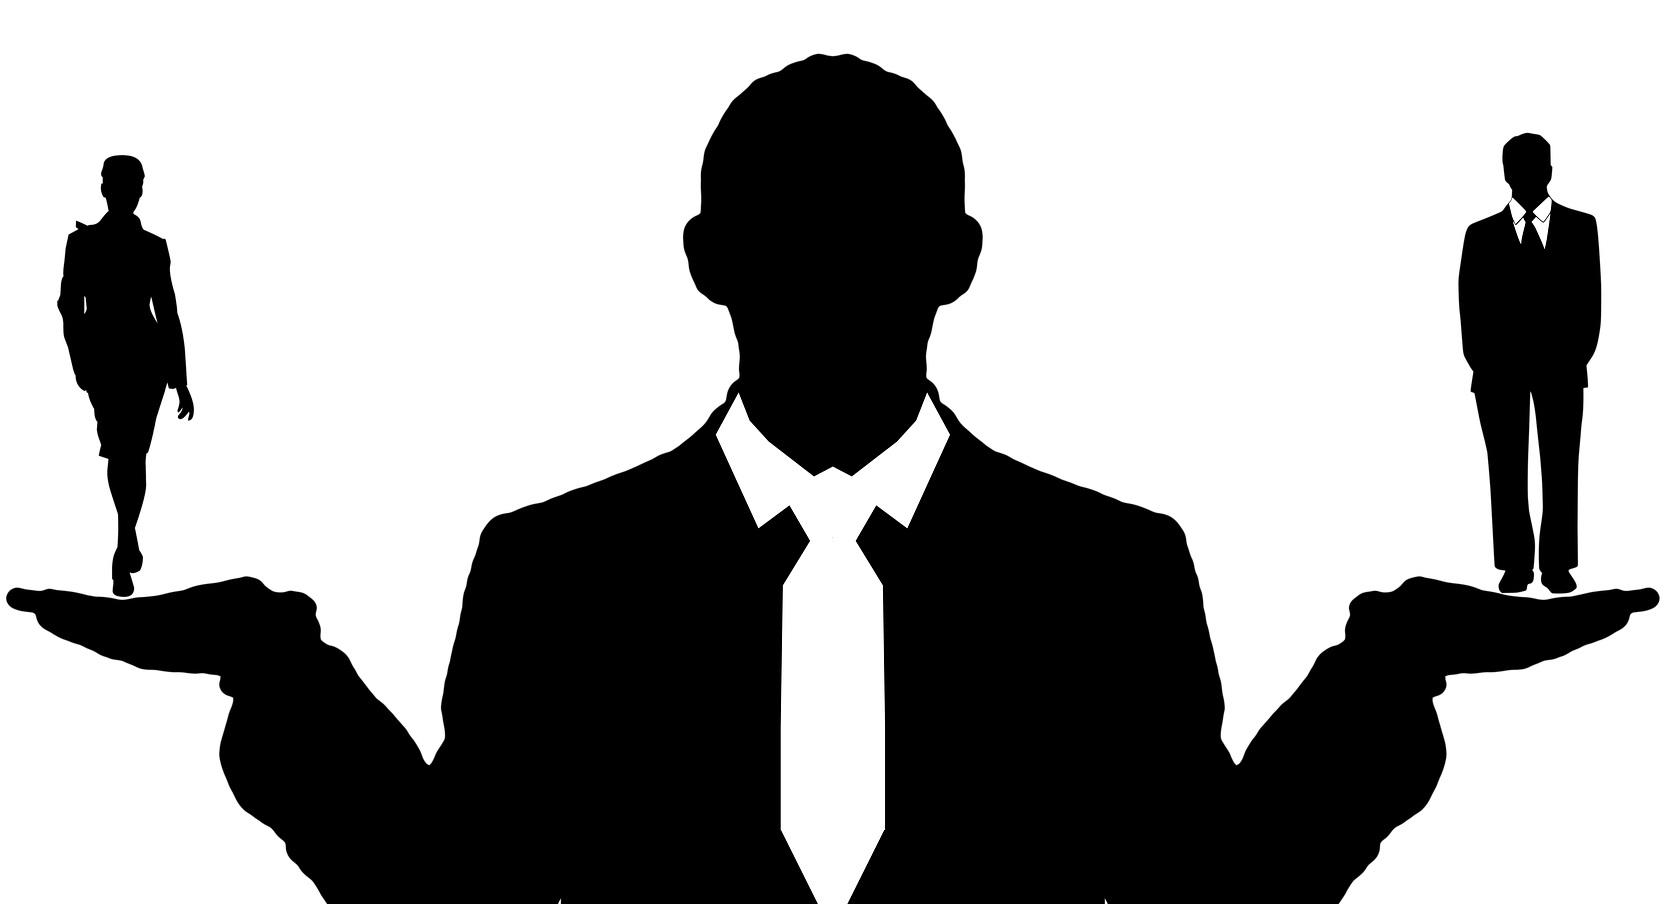 Dans la branche, les écarts de salaires entre hommes et femmes sont de l'ordre de 5%. Ils grimpent à 16% chez les cadres. - Pixabay